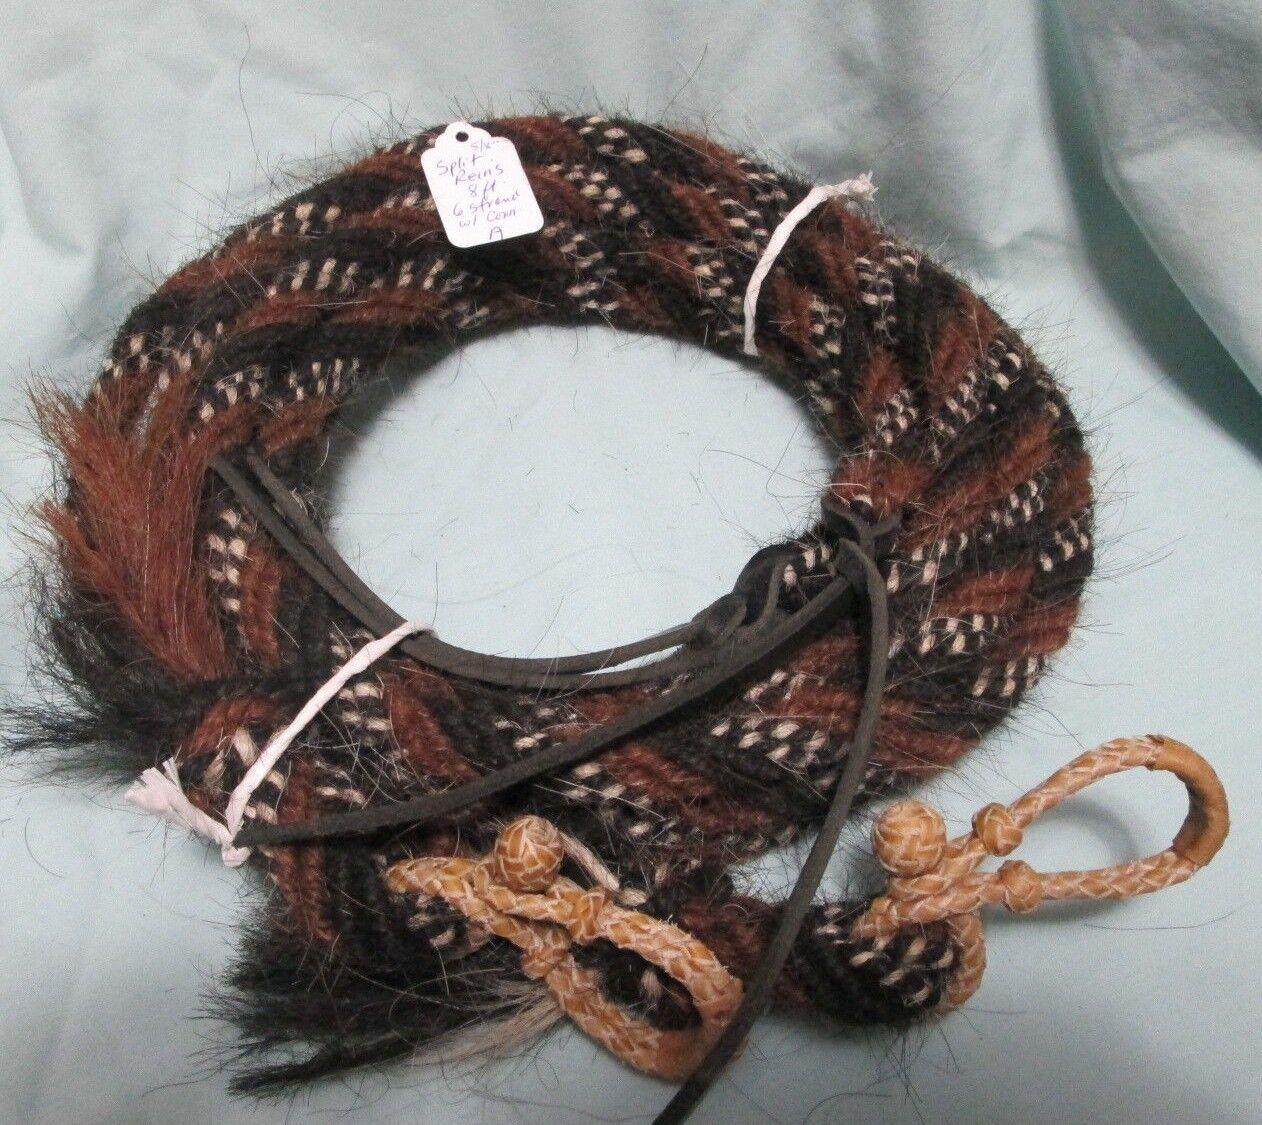 Mane Split de pelo de de de caballo riendas W Rawhide Conectores -- 8 pies, 5 8  de diámetro, un patrón 3c9e14